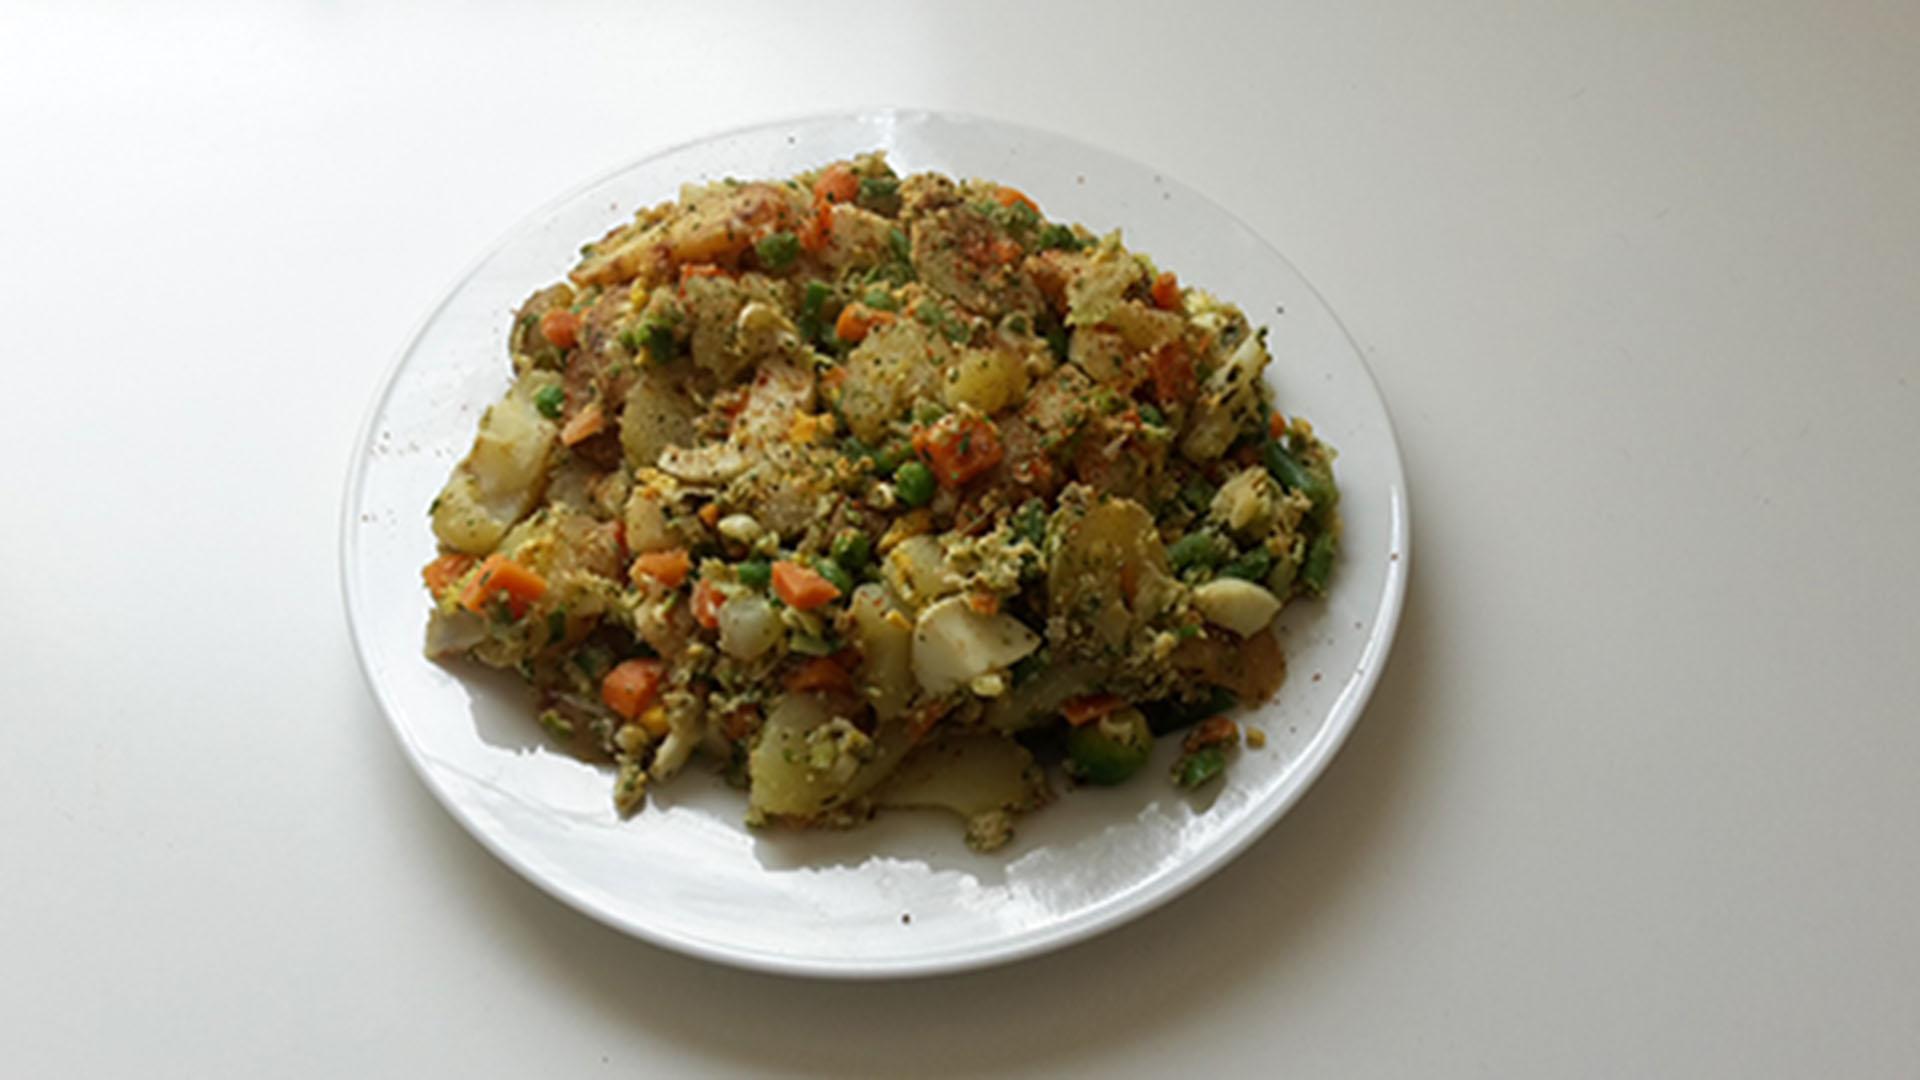 Kartoffel-Rührei mit italienischem Gemüse